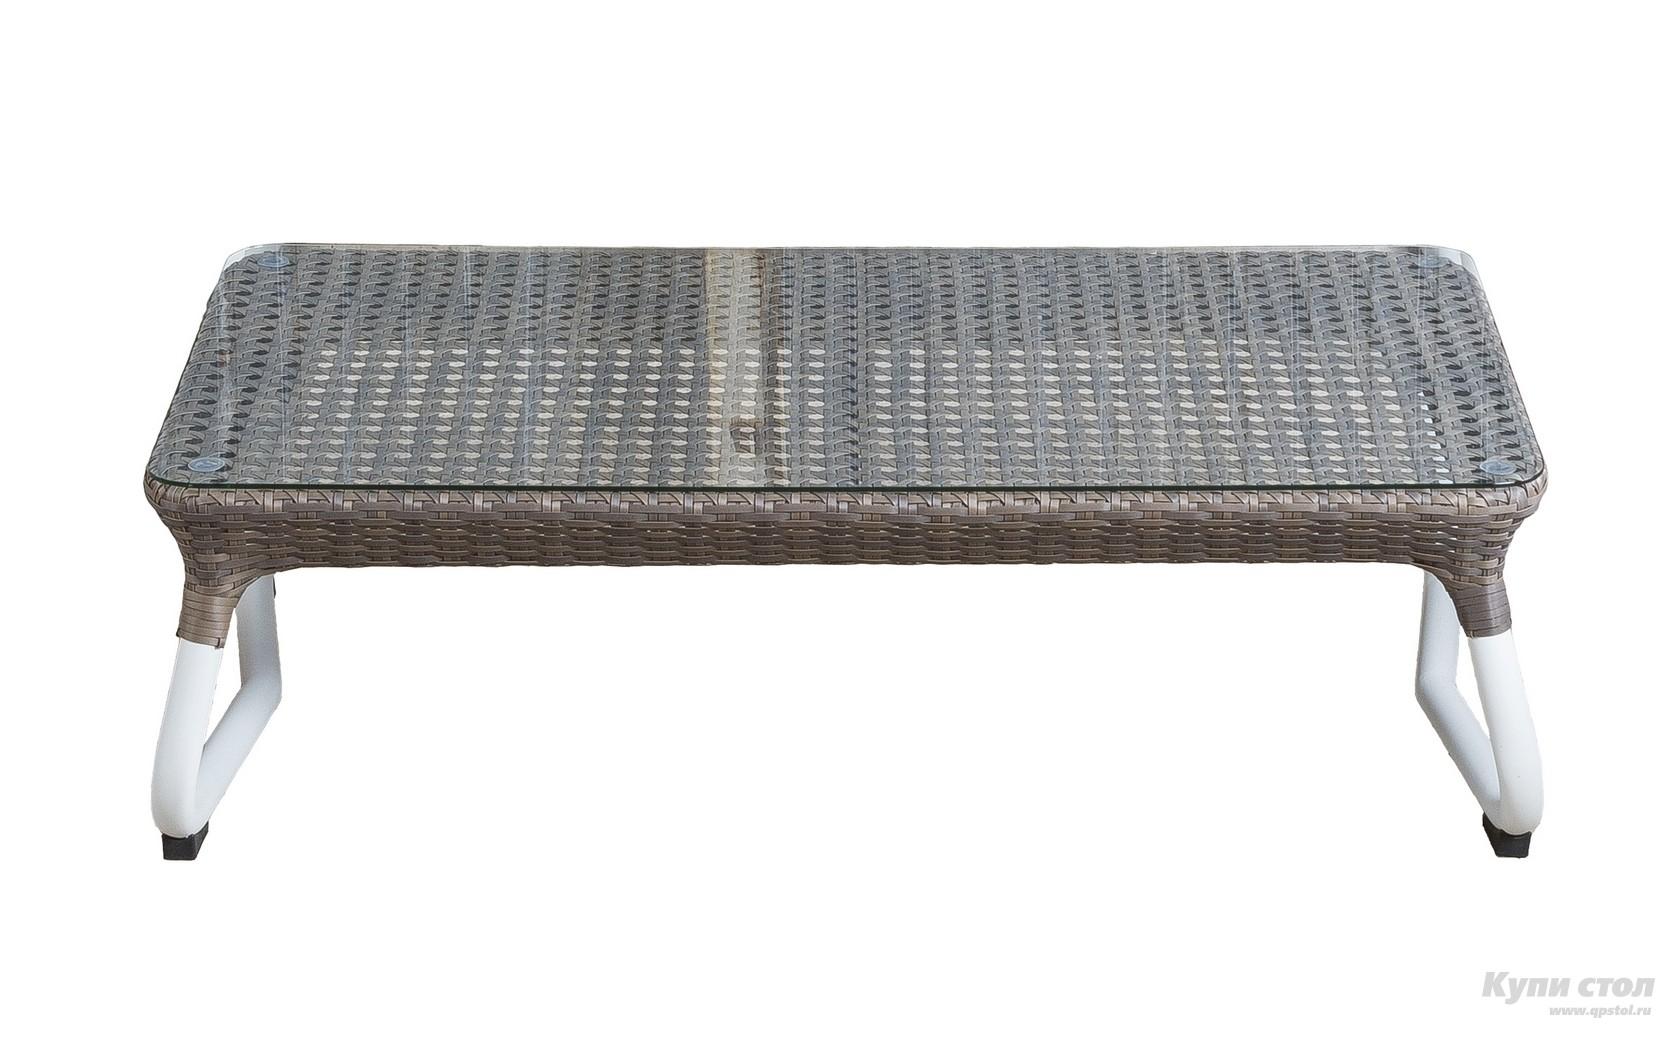 Комплект плетеной мебели Сано-Ремо КупиСтол.Ru 102240.000